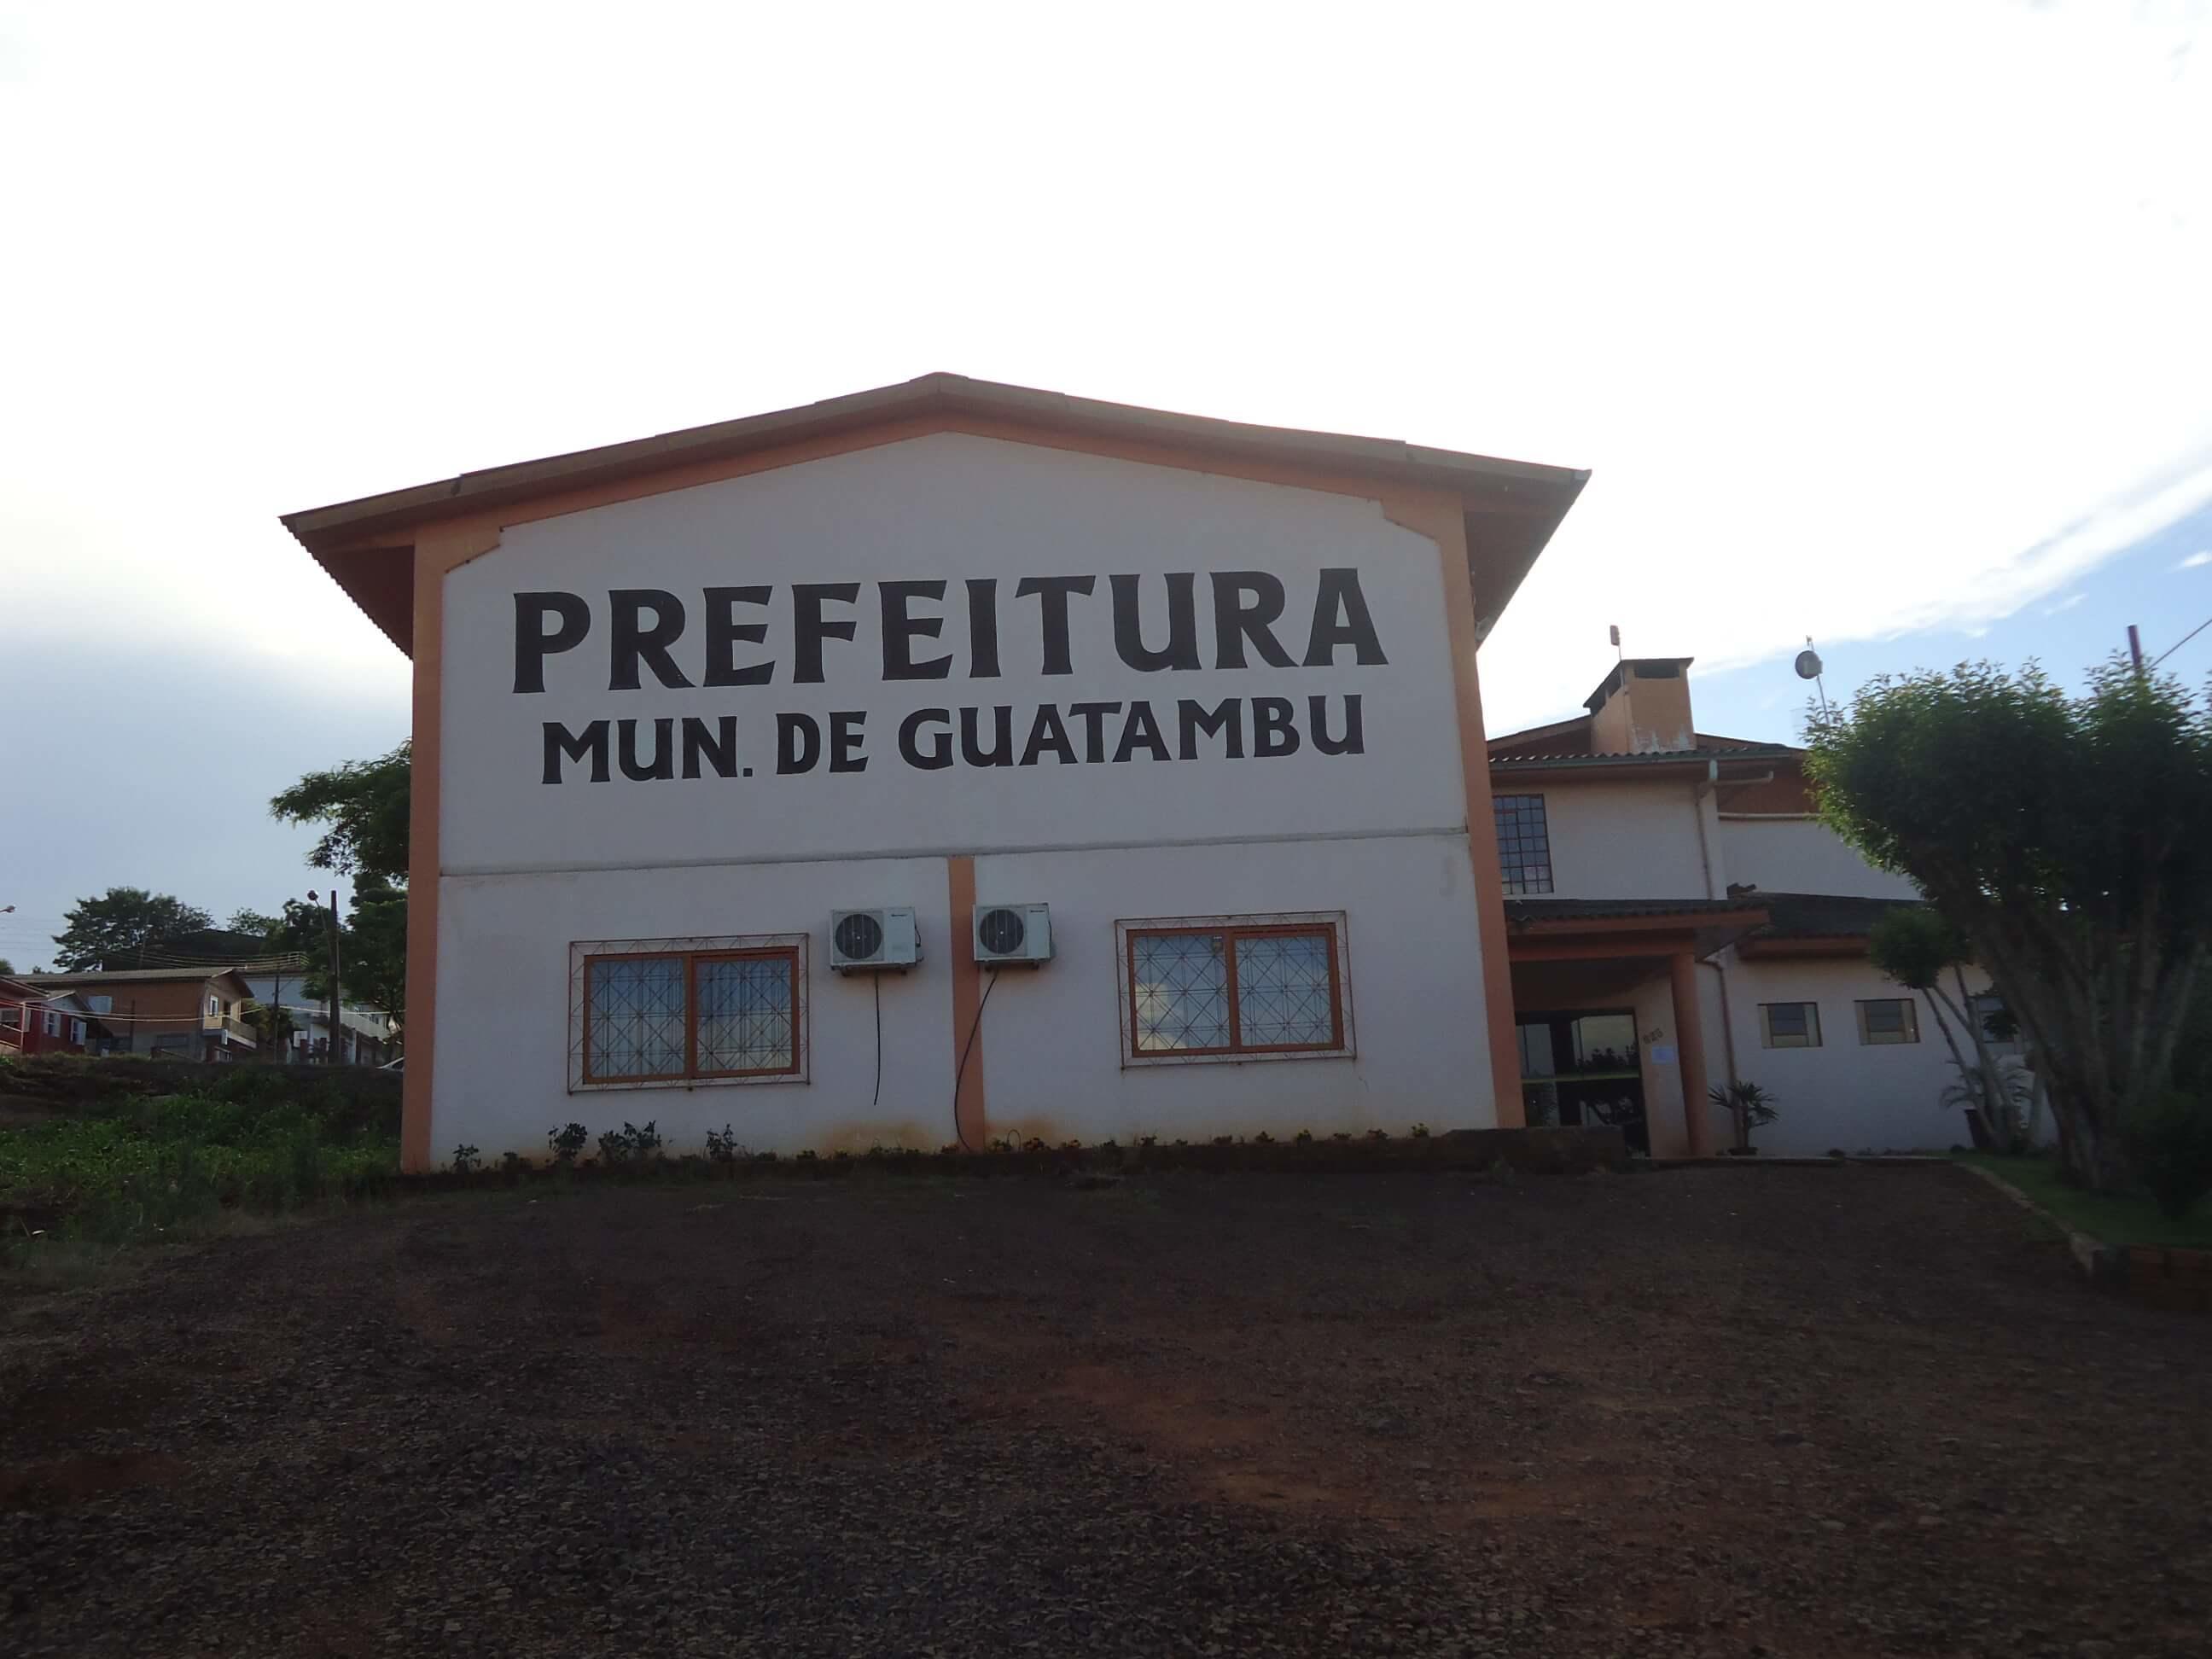 Guatambu Santa Catarina fonte: static.consolidesuamarca.com.br